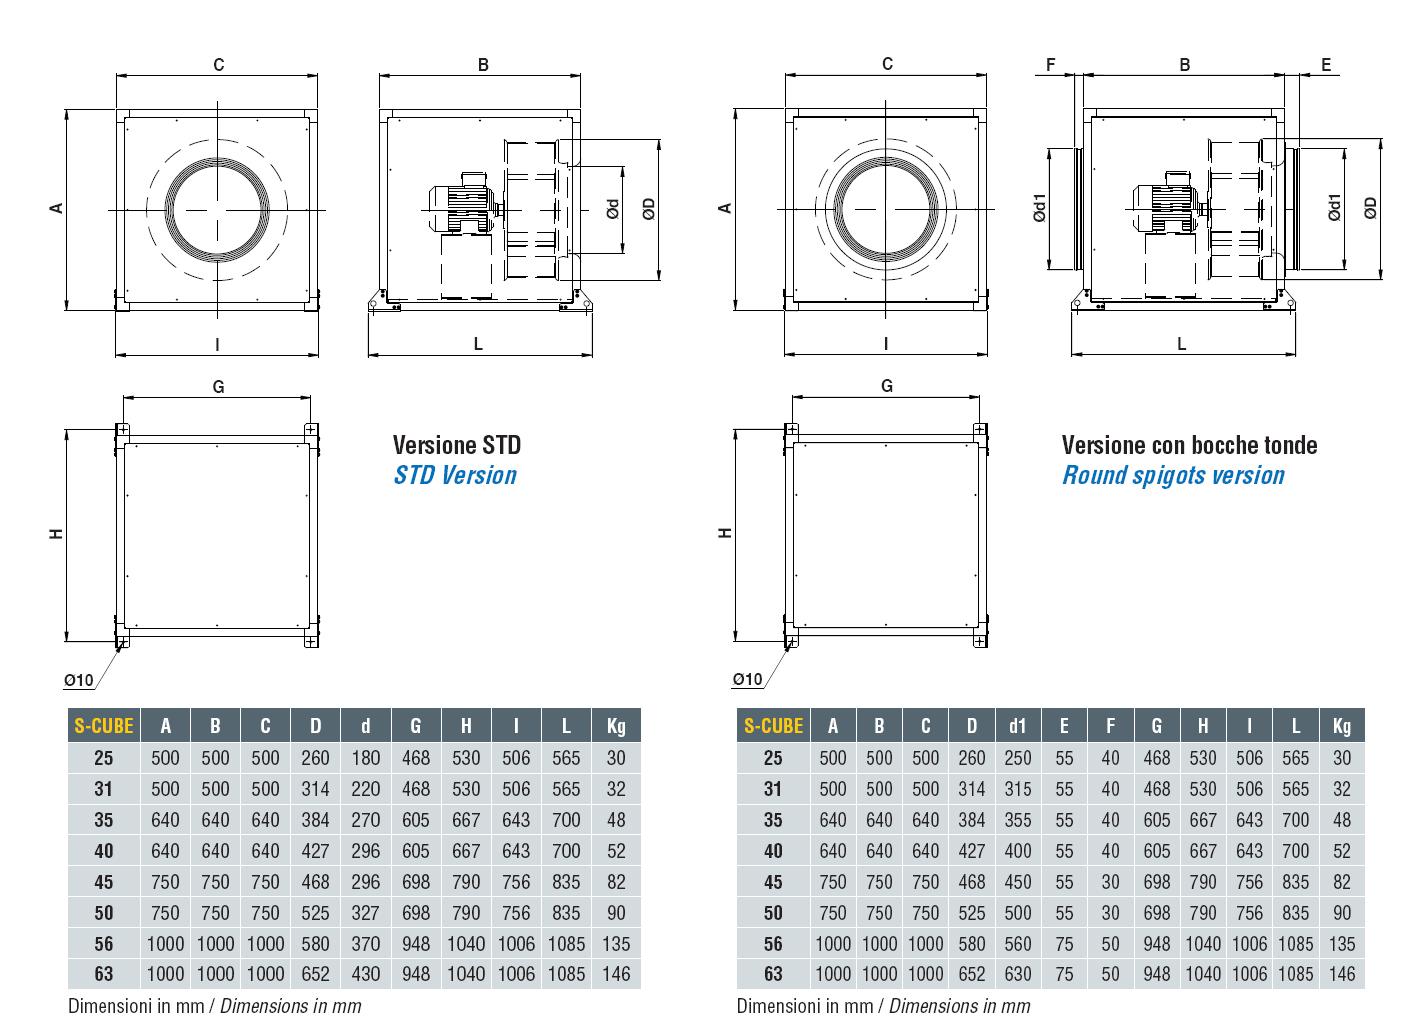 Размери: Звуко-изолирани вентилационни боксове DYNAIR S-CUBE